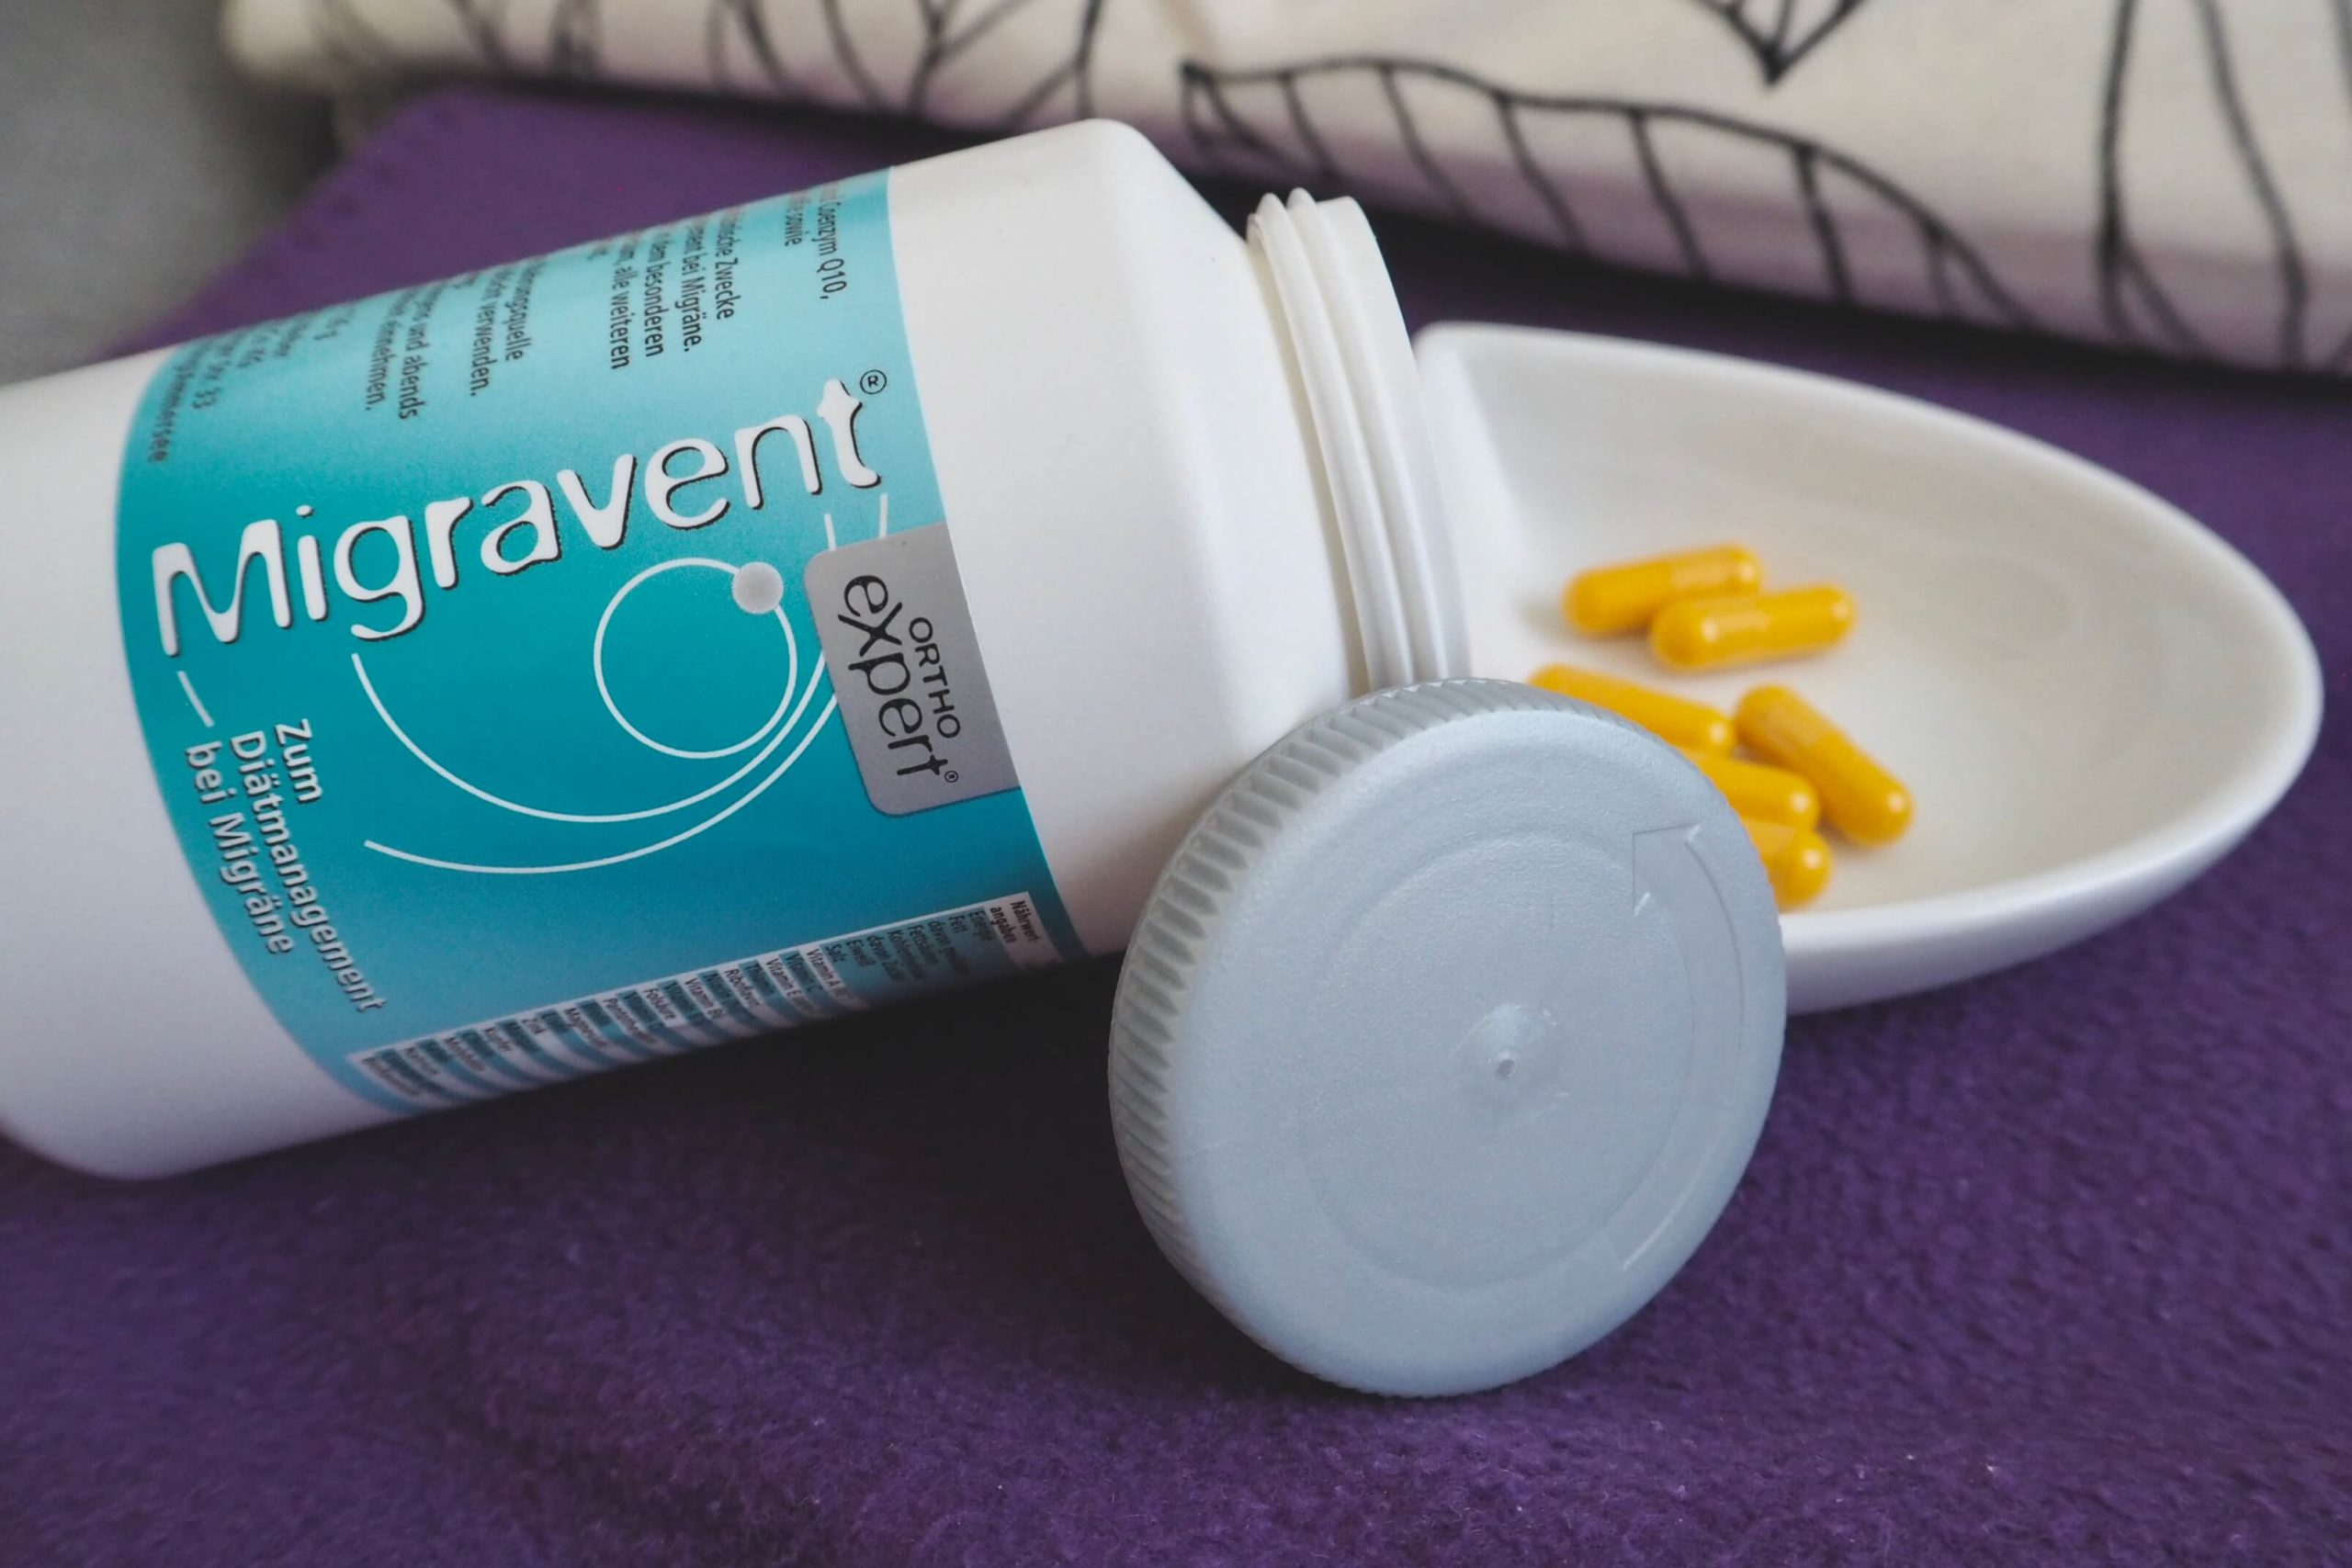 Migravent Migränevorbeugung